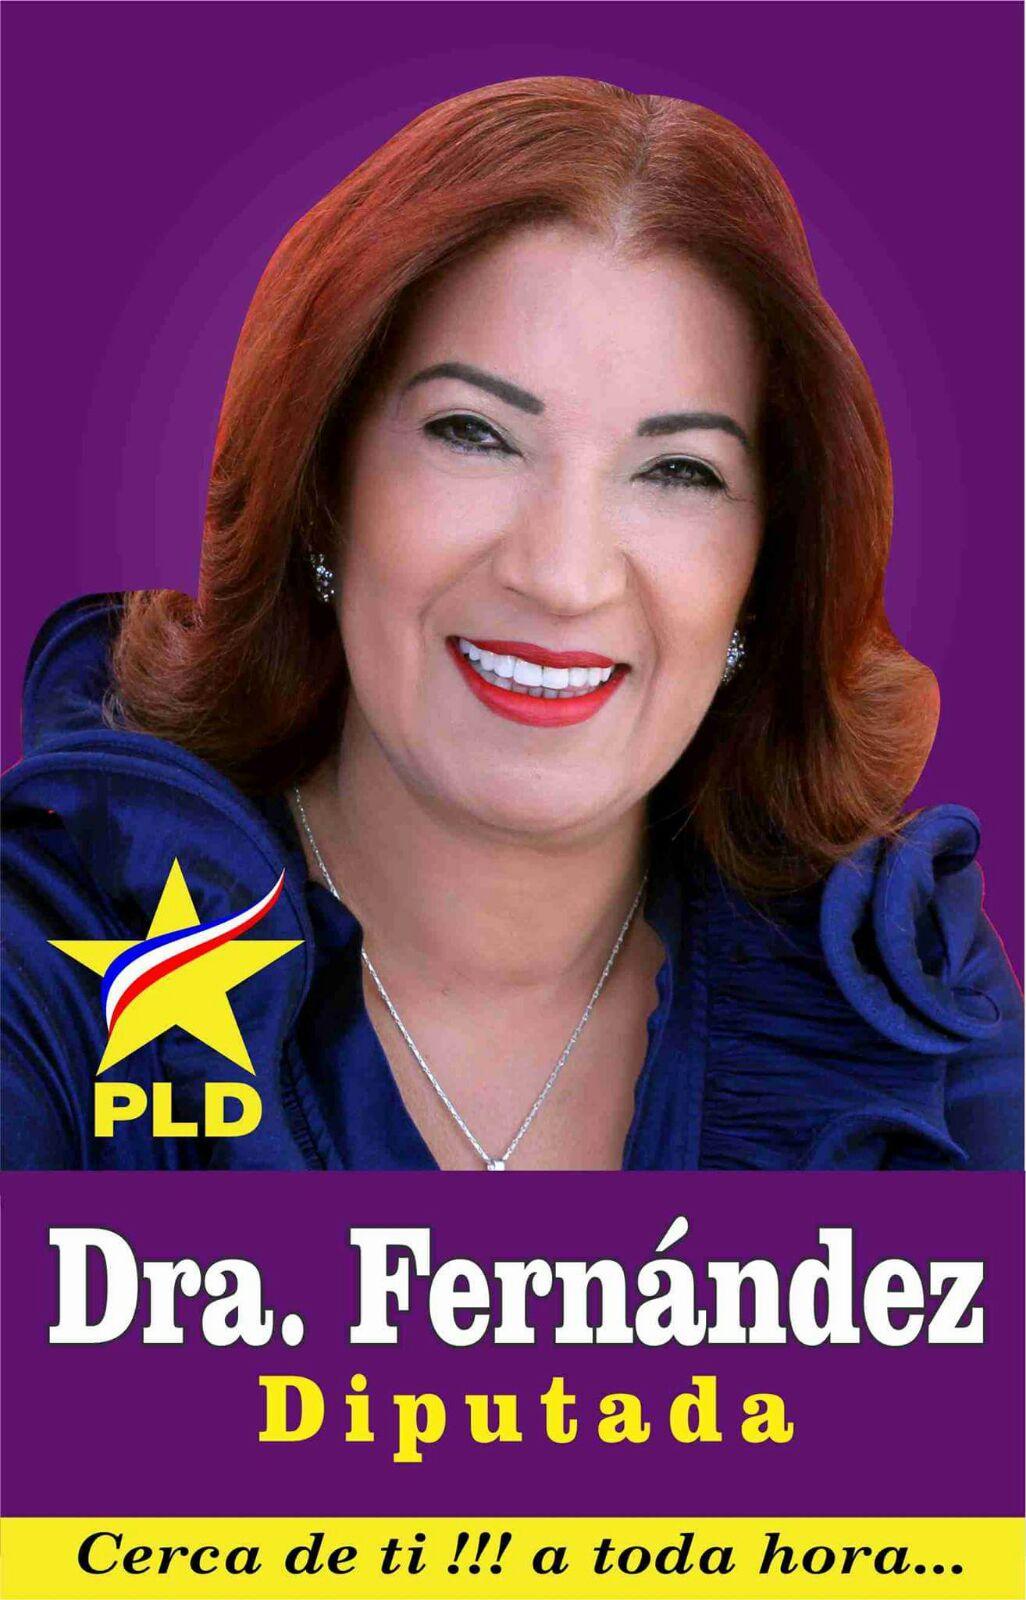 Dra. FERNANDEZ DIPUTADA